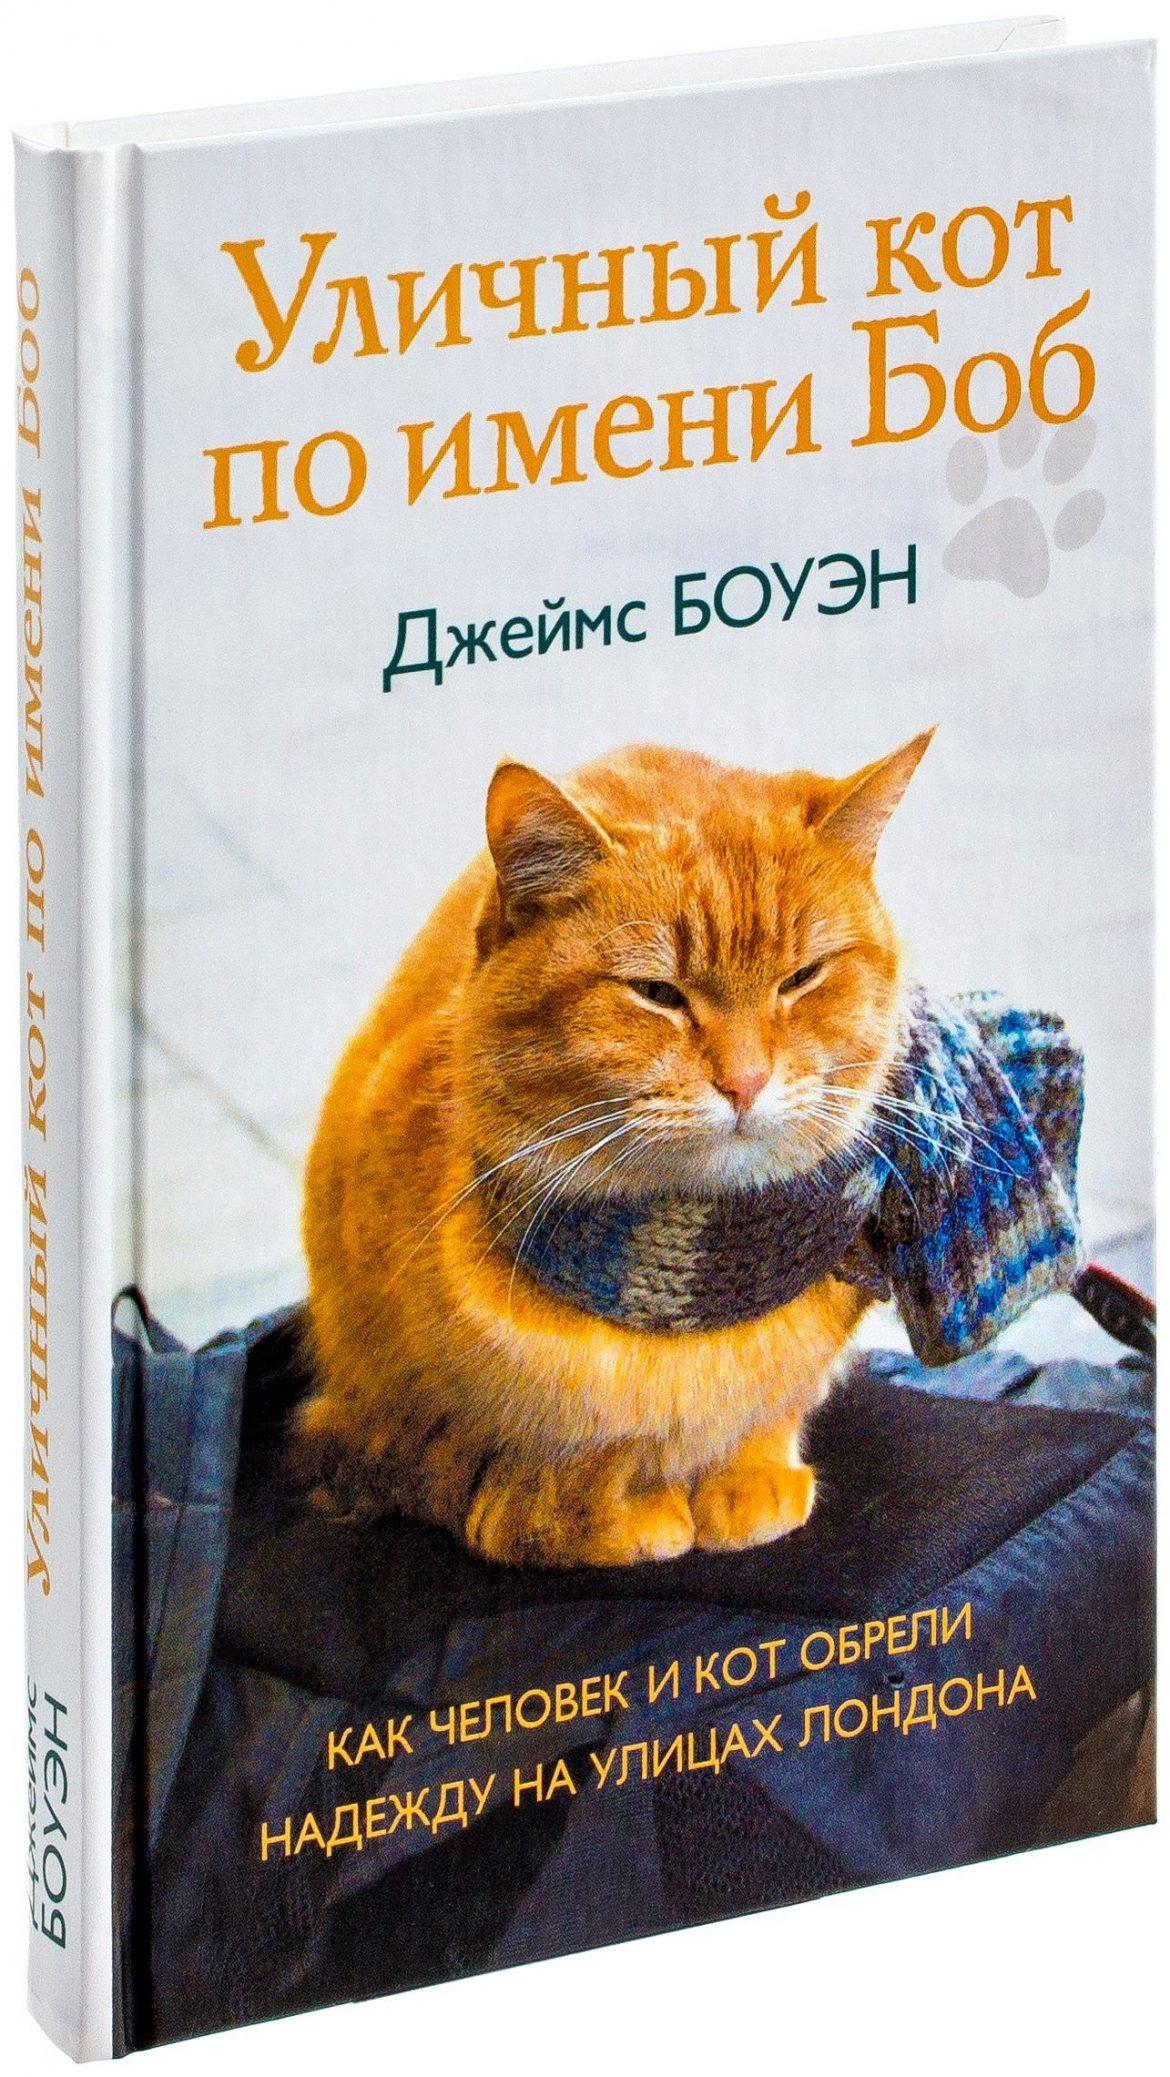 Уличный кот по имени Боб. Как человек и кот обрели надежду на улицах Лондона — Джеймс Боуэн